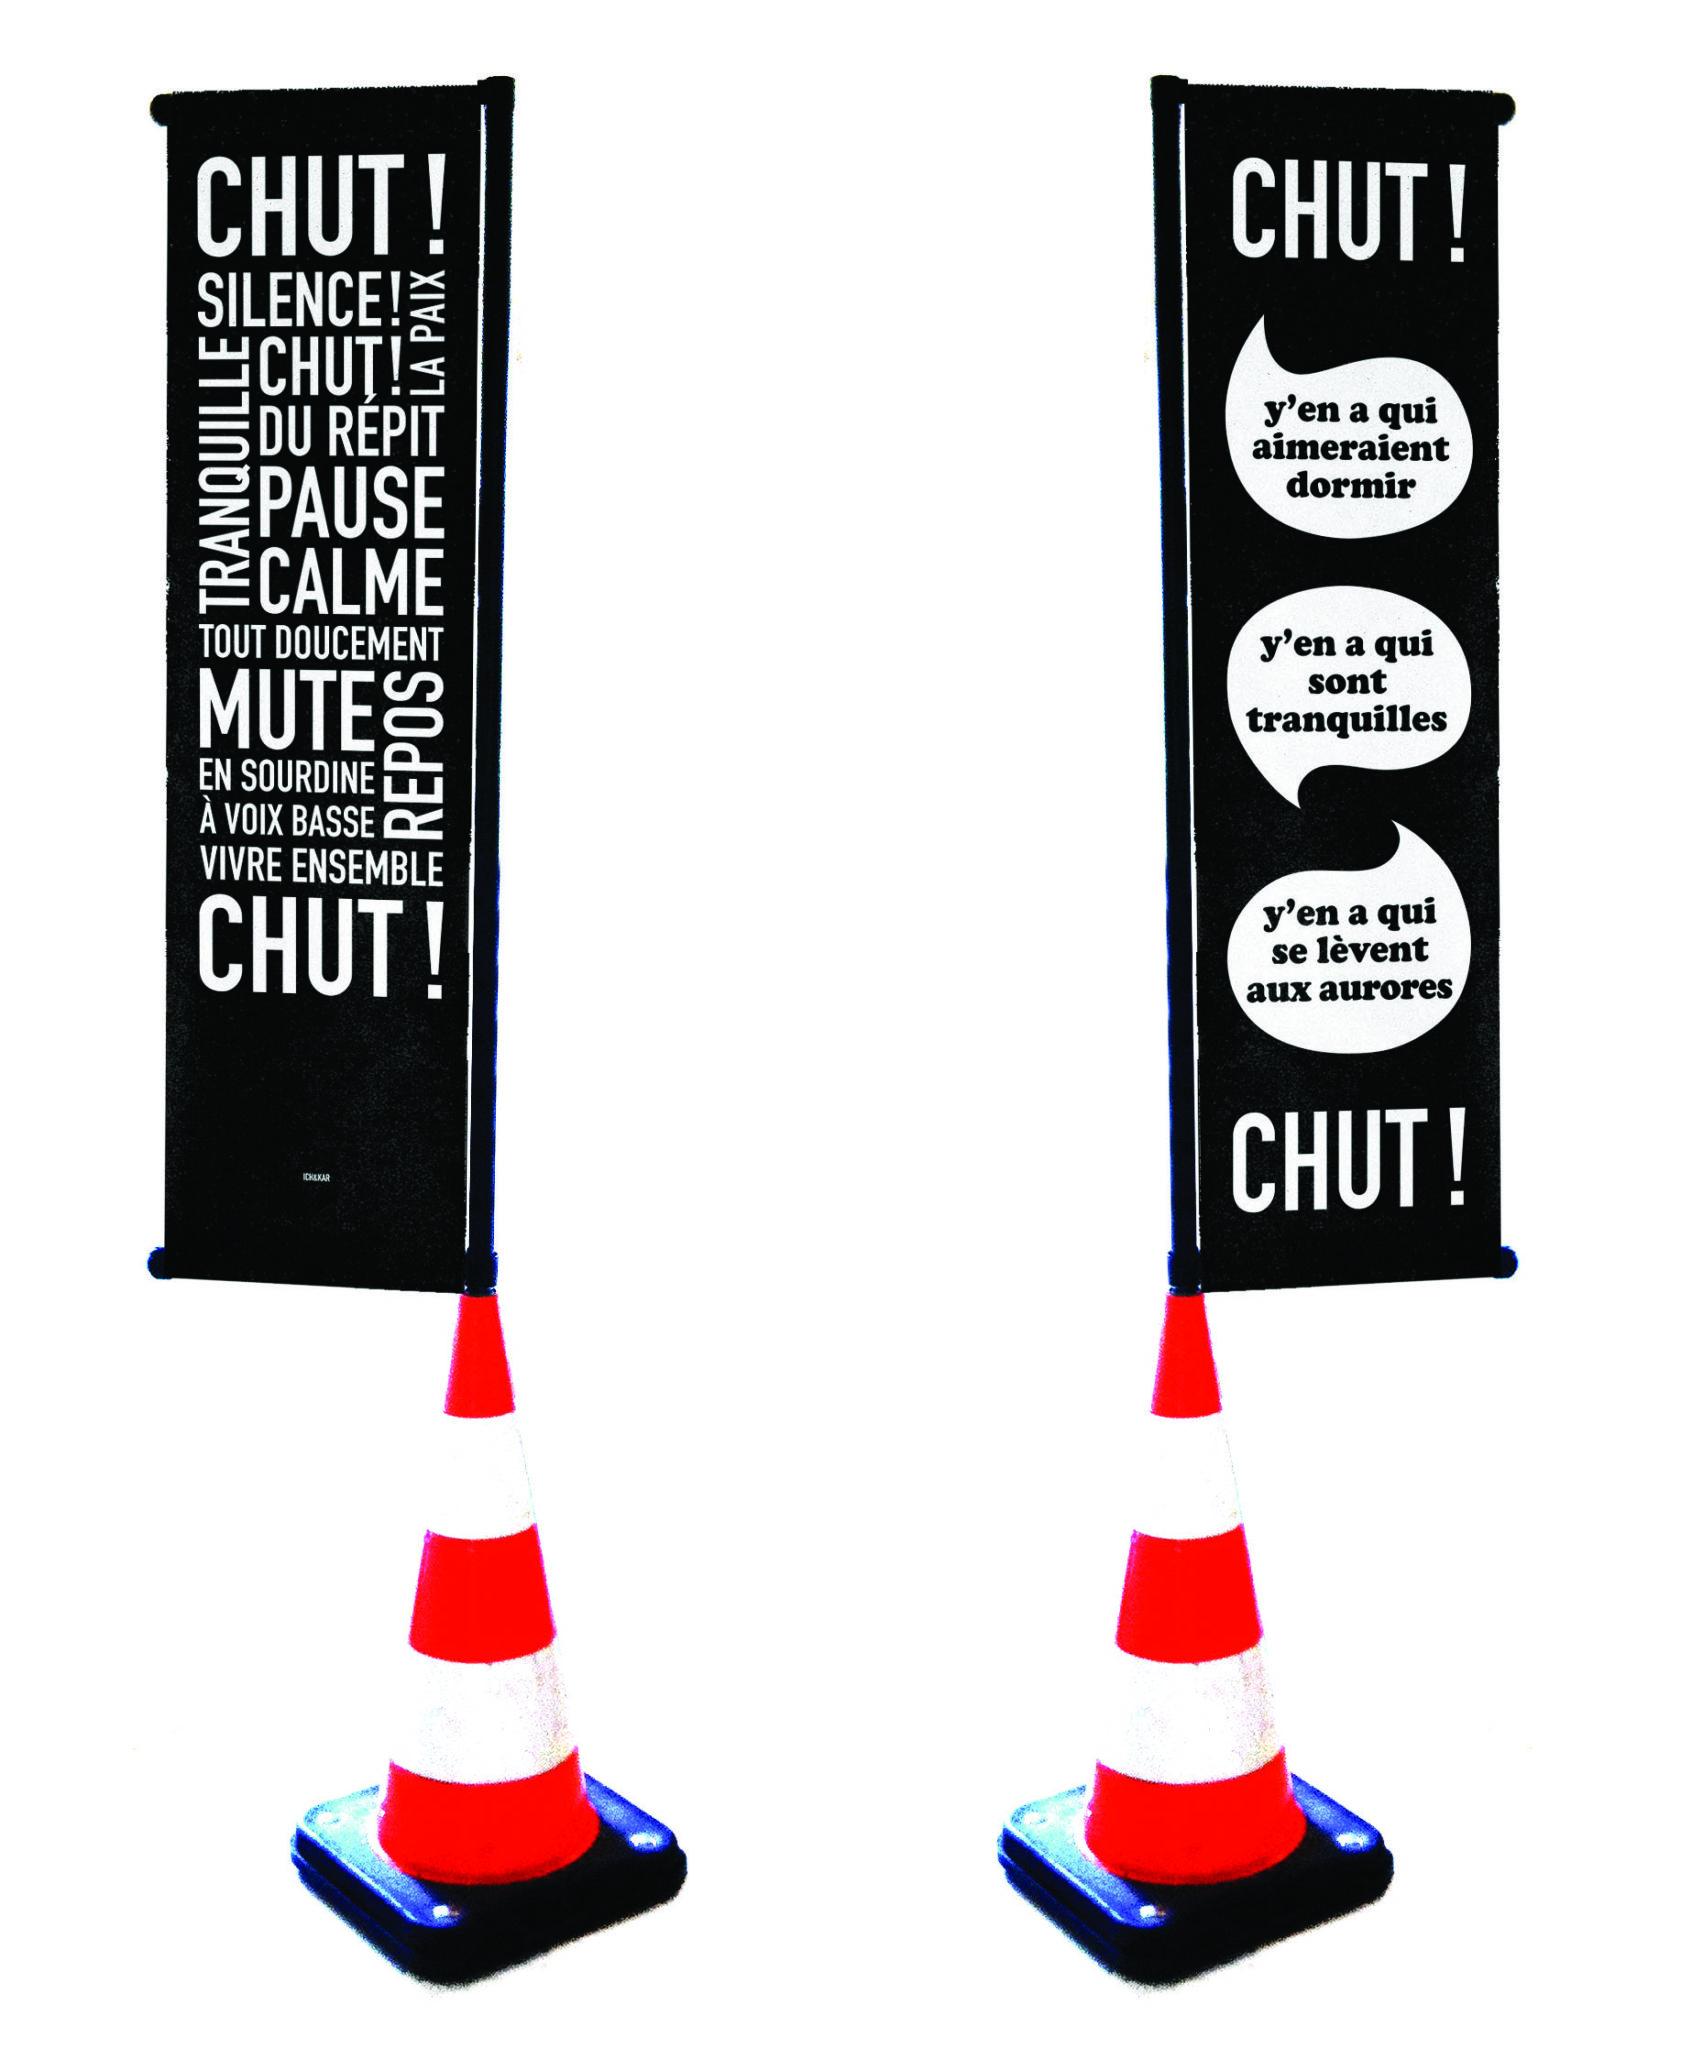 Ich&Kar et Clémence Farrell imaginent les drapeaux CHUT ! pour les bars et restaurant, un outil citoyen de sensibilisation à la tranquillité des riverains la nuit, typographique, urbain, rock'n'roll et poétique